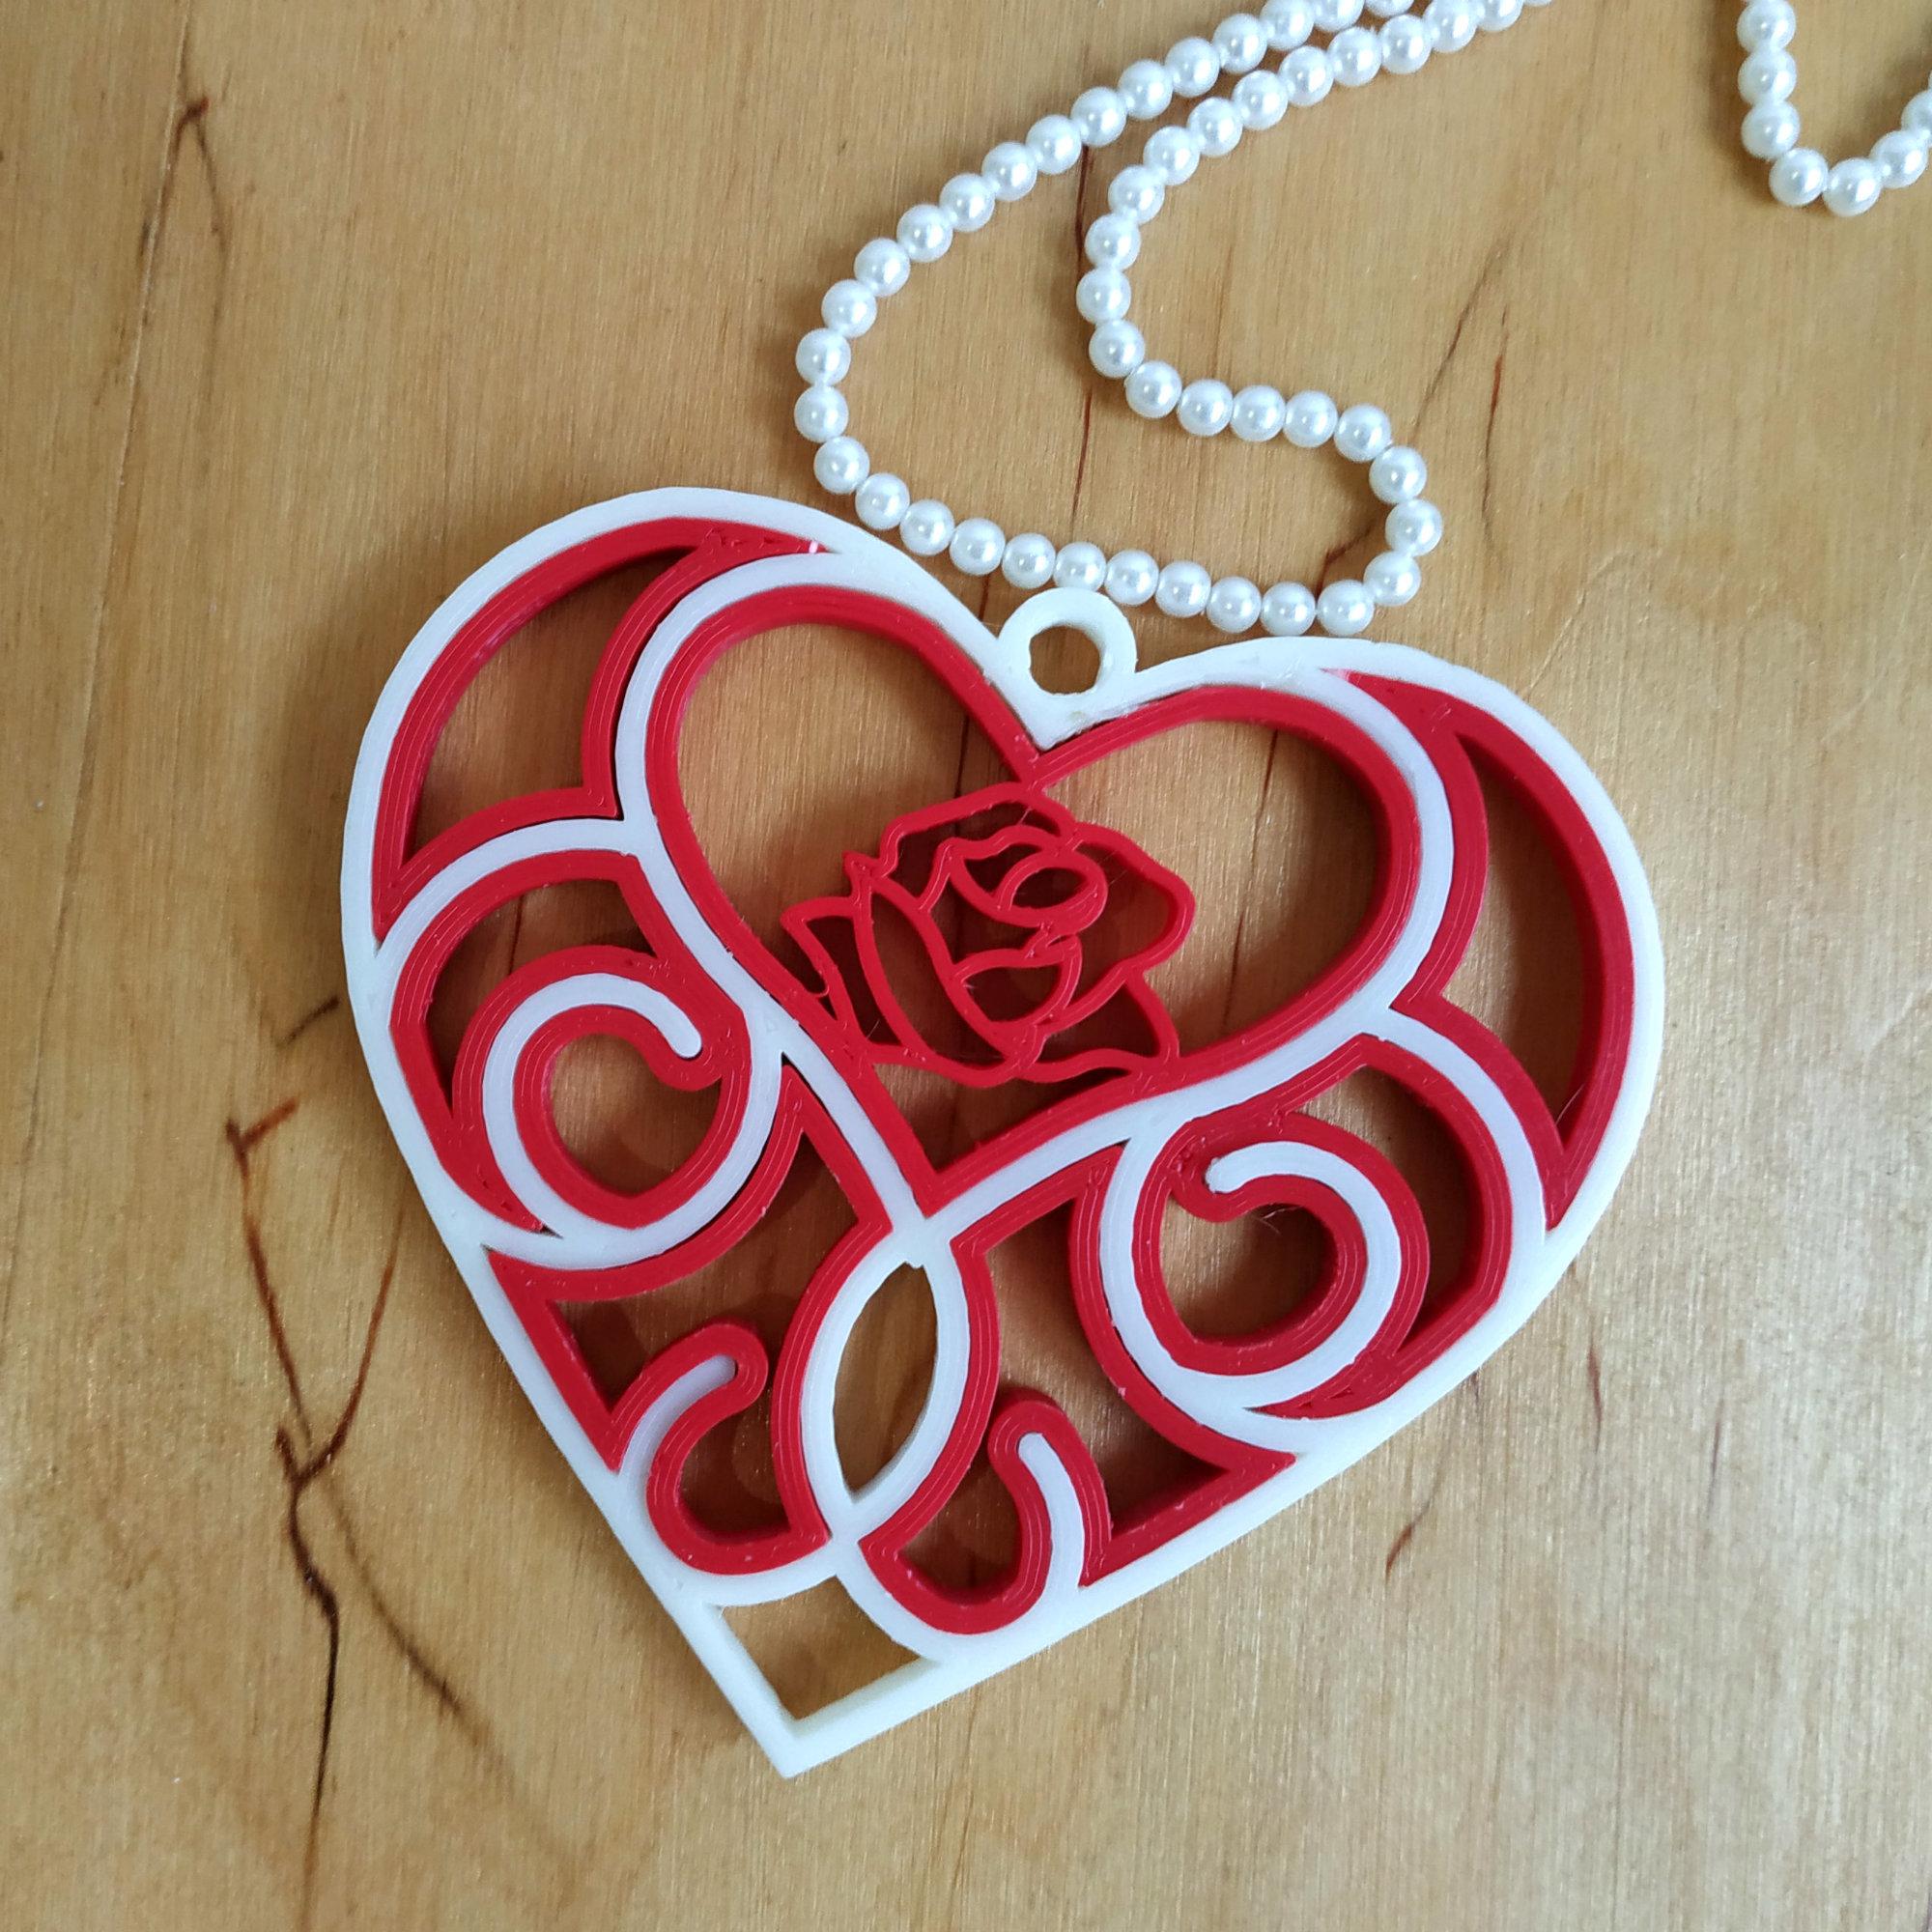 3D_printed_Quilling_Heart.jpg Télécharger fichier STL gratuit Coeur de Quilling imprimé en 3D • Modèle pour impression 3D, TanyaAkinora